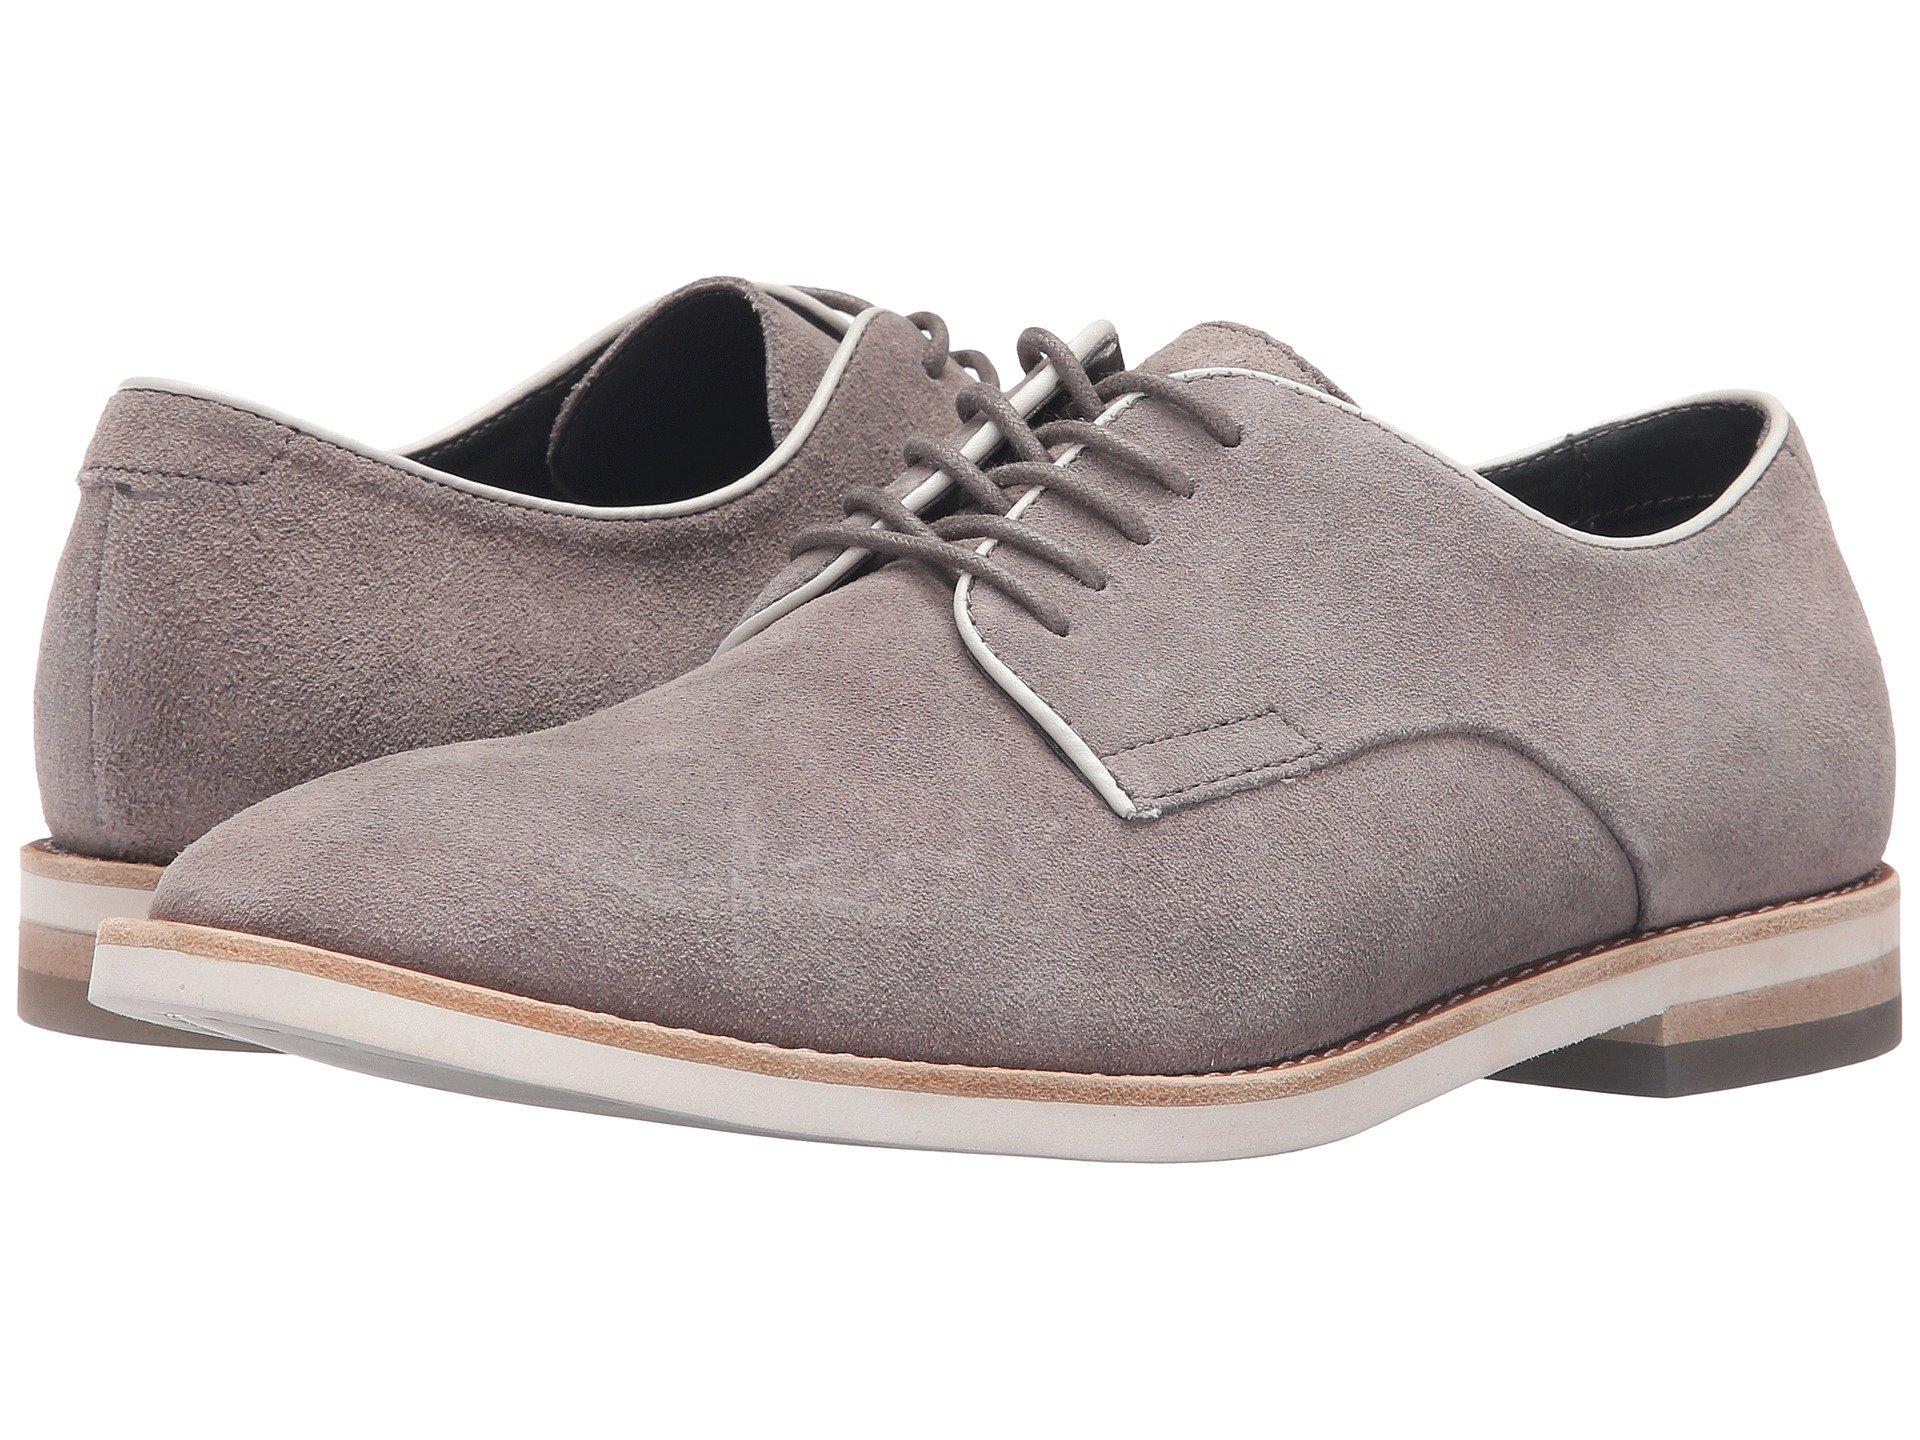 Calzado tipo Oxford para Hombre Calvin Klein Aggussie  + Calvin Klein en VeoyCompro.net